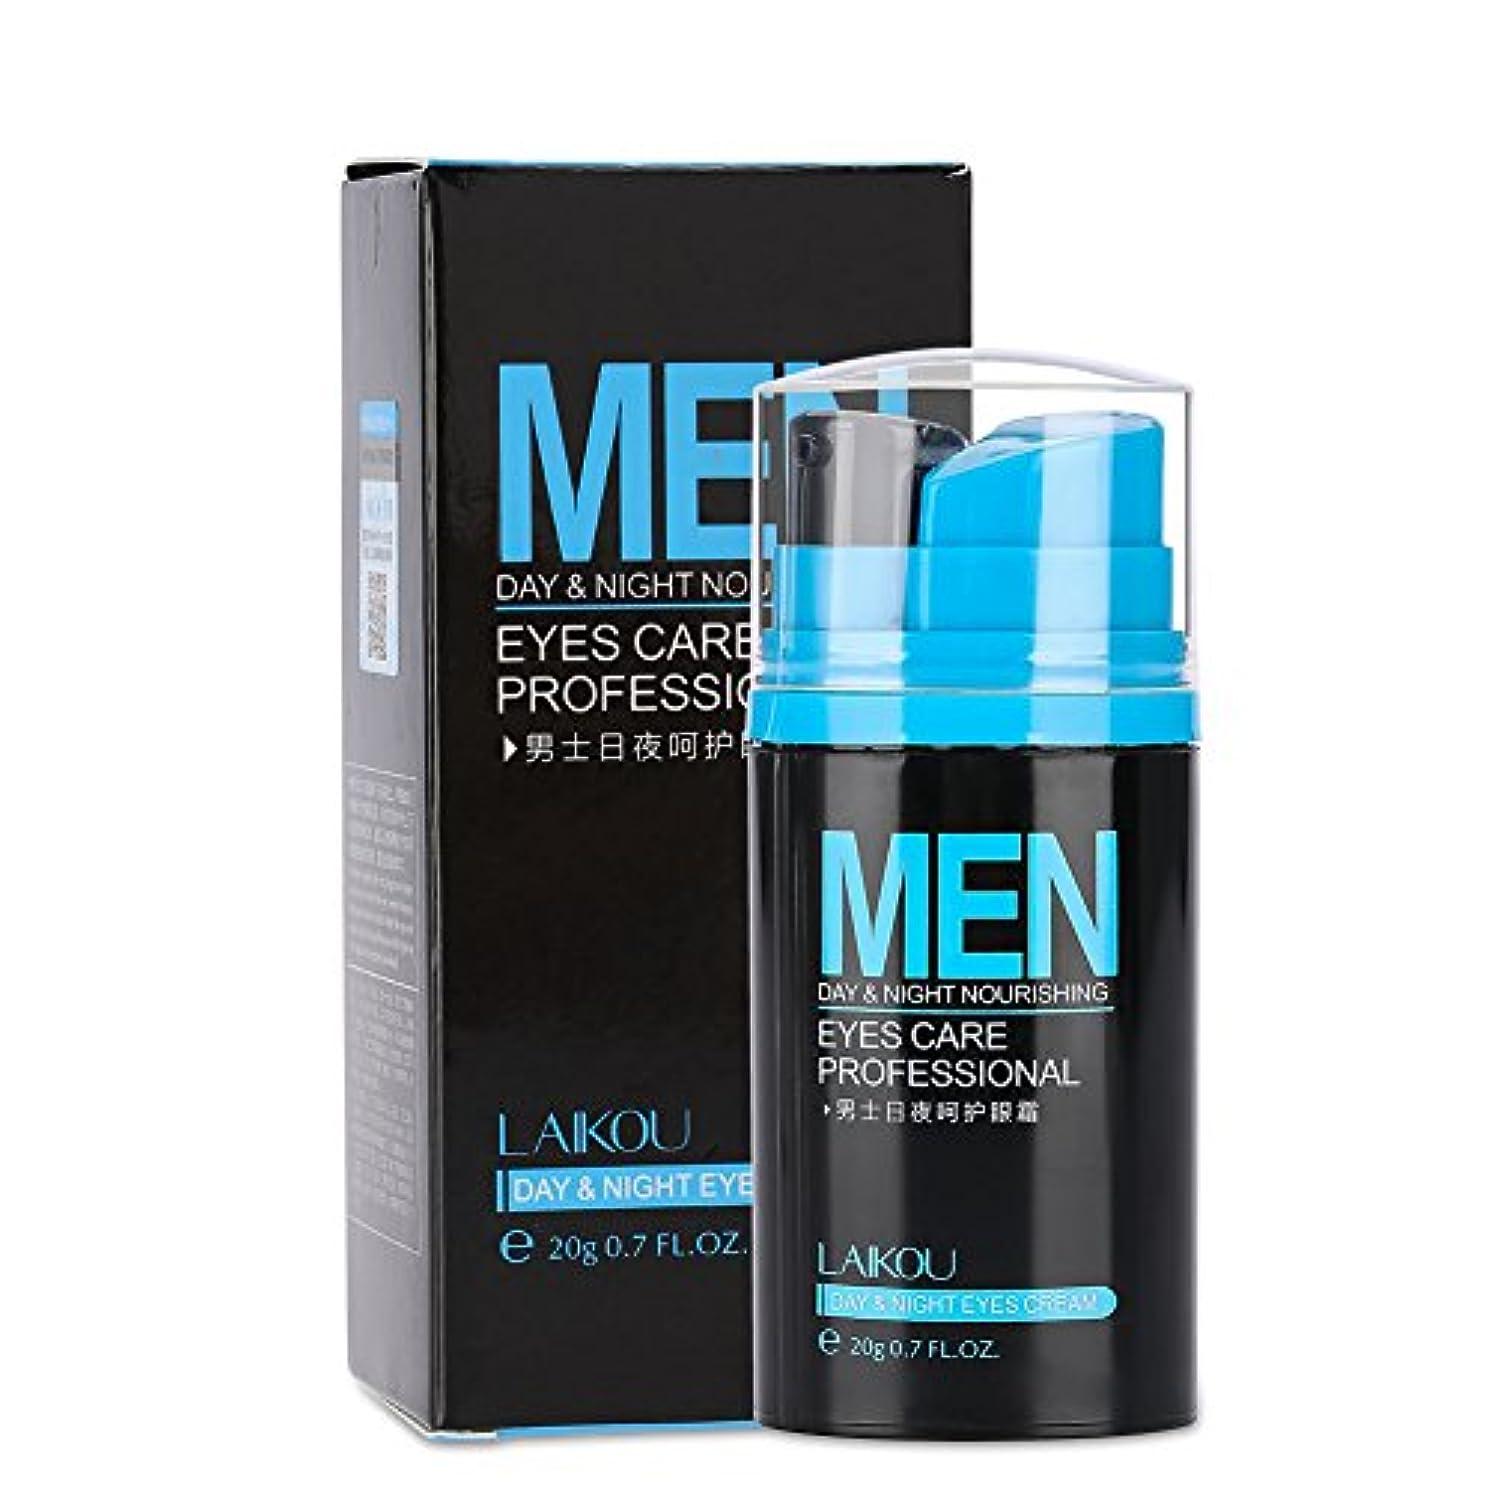 広まったブルゴーニュ活気づける男性のアイクリーム、ダークサークルふくらみは、男性のための引き締まった肌わを減らす天然オイルフリー保湿アイジェルローションしっかりした肌を引き締めます